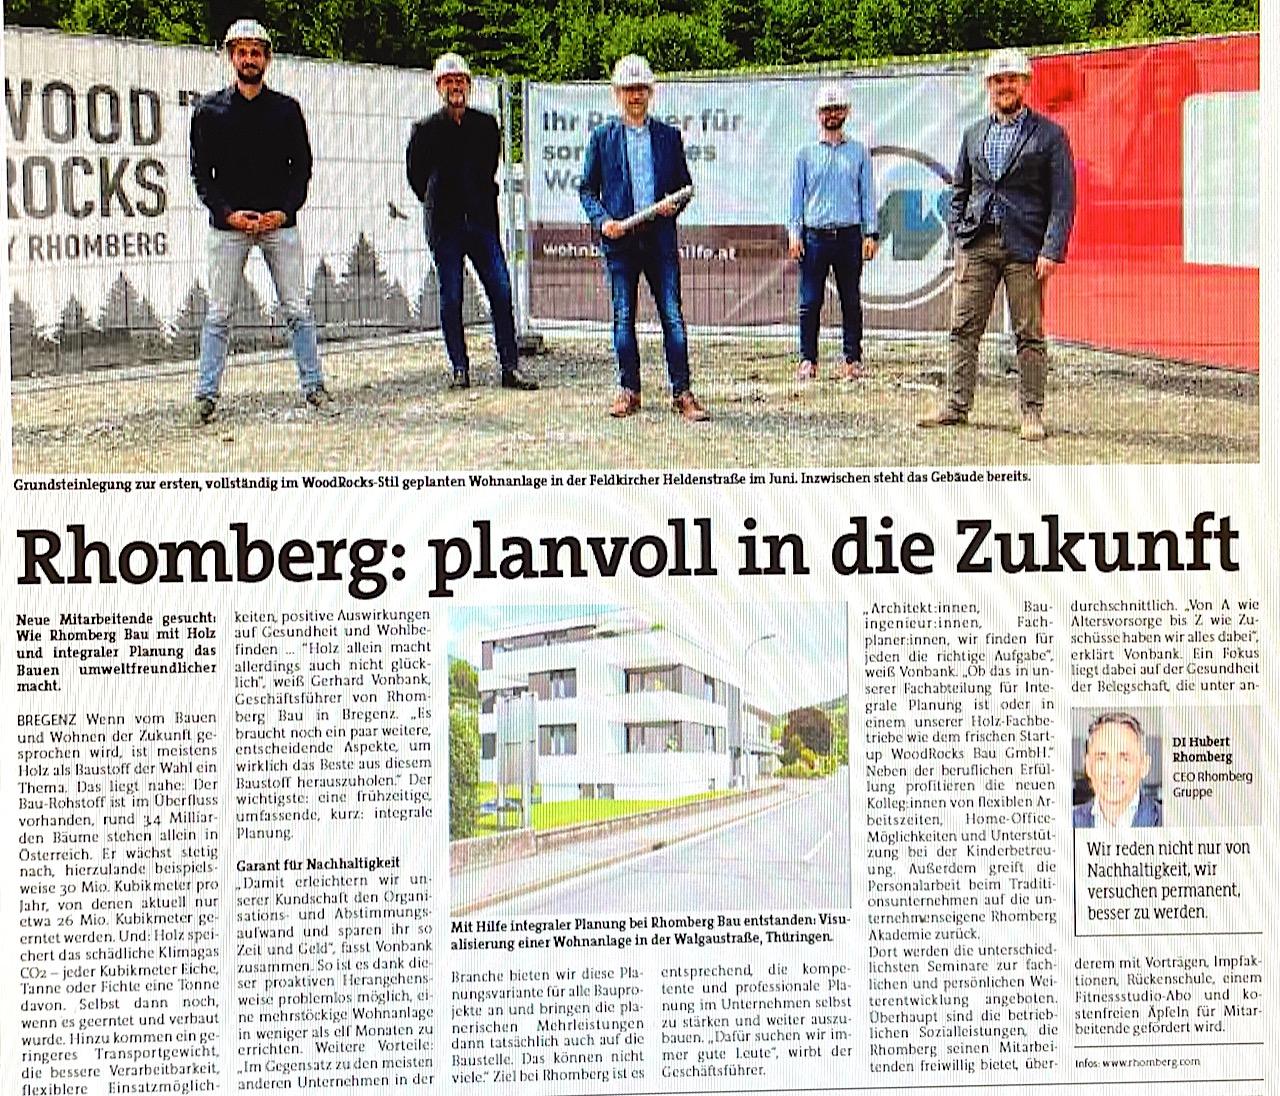 """""""Wir reden nicht nur von Nachhaltigkeit, sondern versuchen permanent, besser zu werden"""", sagt der CEO der Rhomberg Gruppe, DI Hubert Rhomberg. Neue Mitarbeitende gesucht: Wie Rhomberg Bau mit Holz und integraler Planung das Bauen umweltfreundlicher macht! Wenn vom Bauen und Wohnen der Zukunft gesprochen wird, ist meistens Holz als Baustoff der Wahl ein Thema. Das liegt nahe: Der Bau-Rohstoff ist im Überfluss vorhanden, rund 3,4 Milliarden Bäume stehen allein in Österreich. (VN-Extra """"Wertvoll"""" 17.9.21)"""